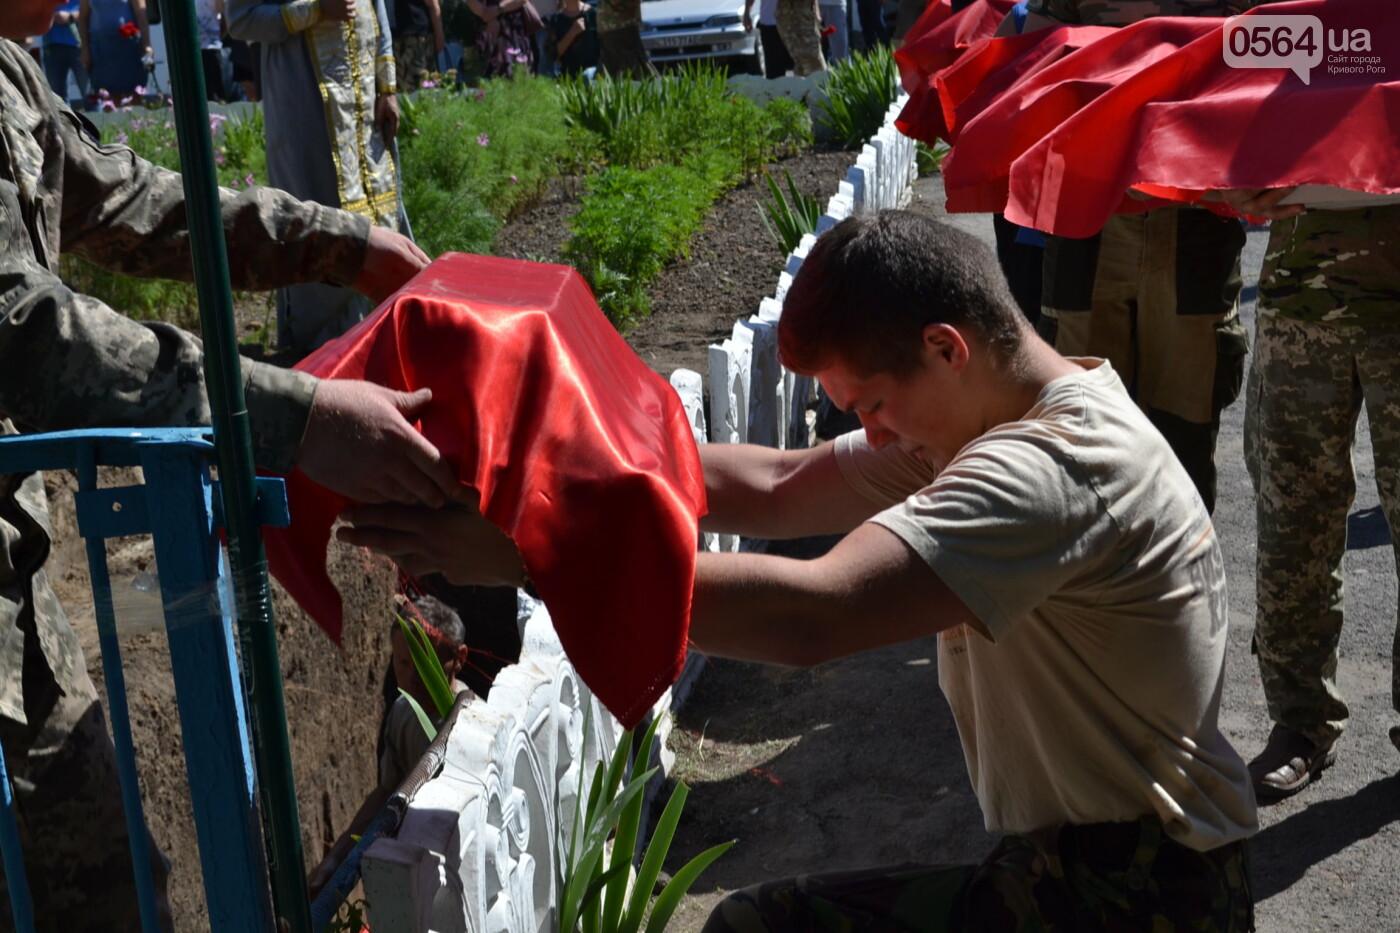 Вечная память! На Криворожье торжественно захоронили останки 43 воинов Второй мировой, - ФОТО, ВИДЕО, фото-27